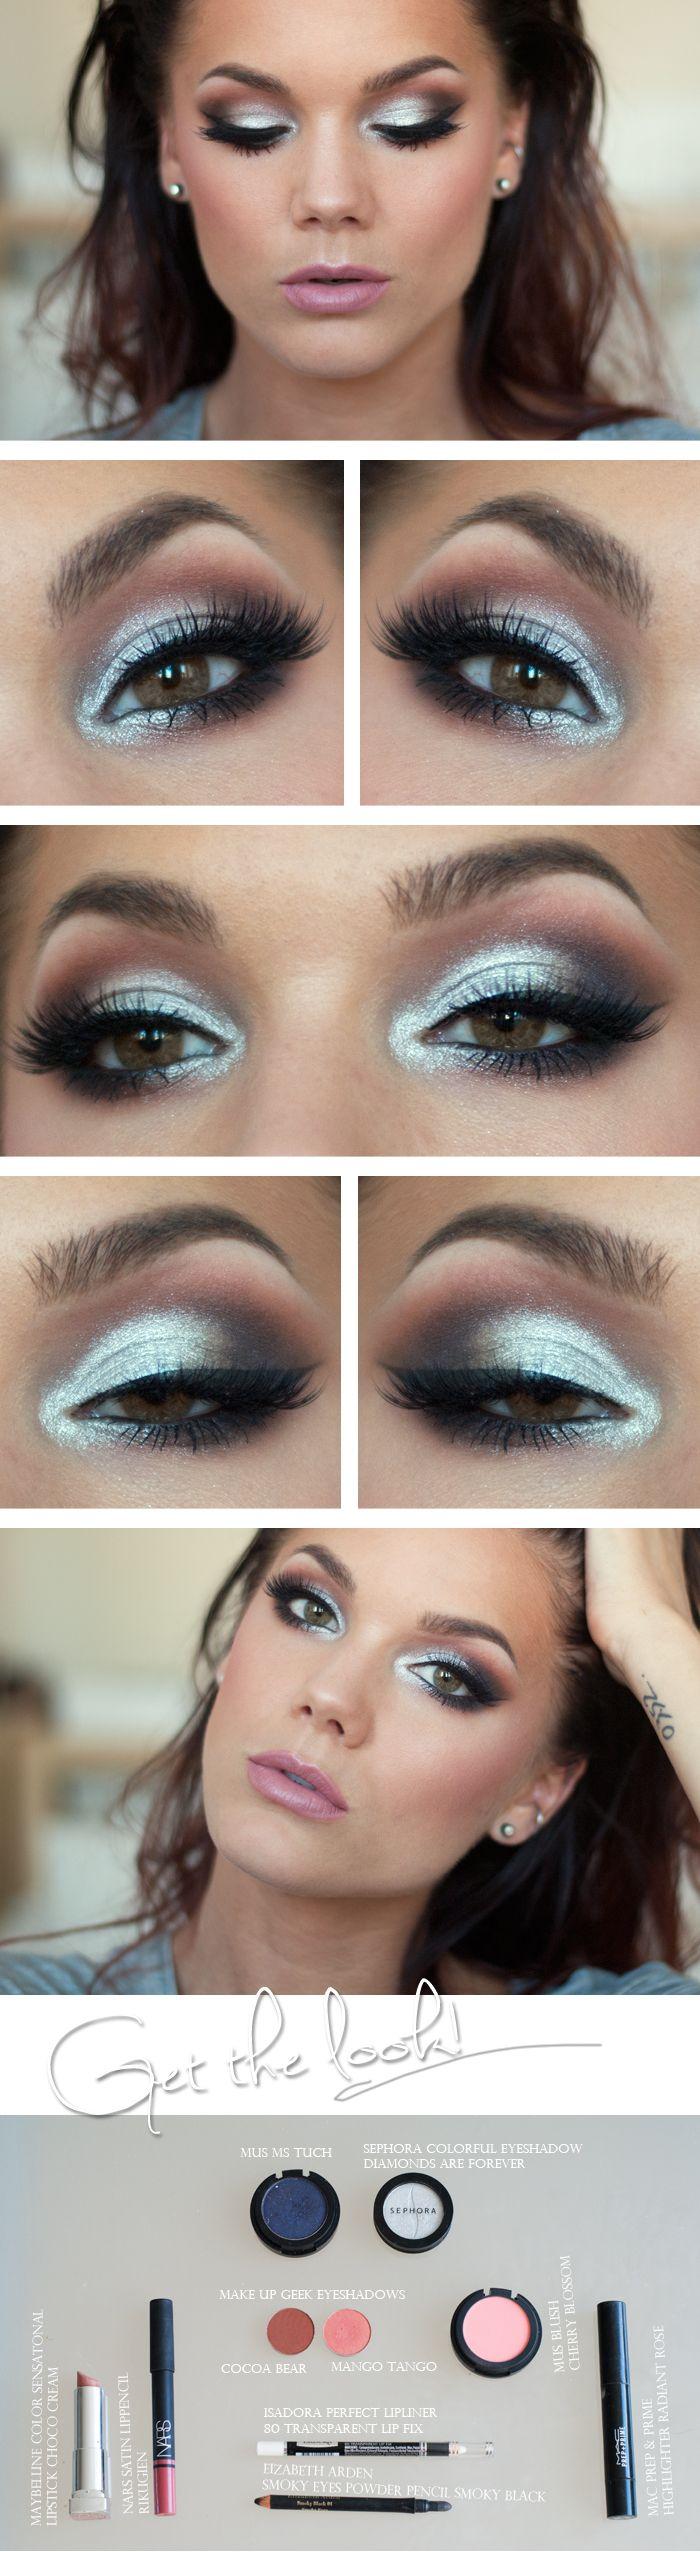 макияж глаз пошаговое фото